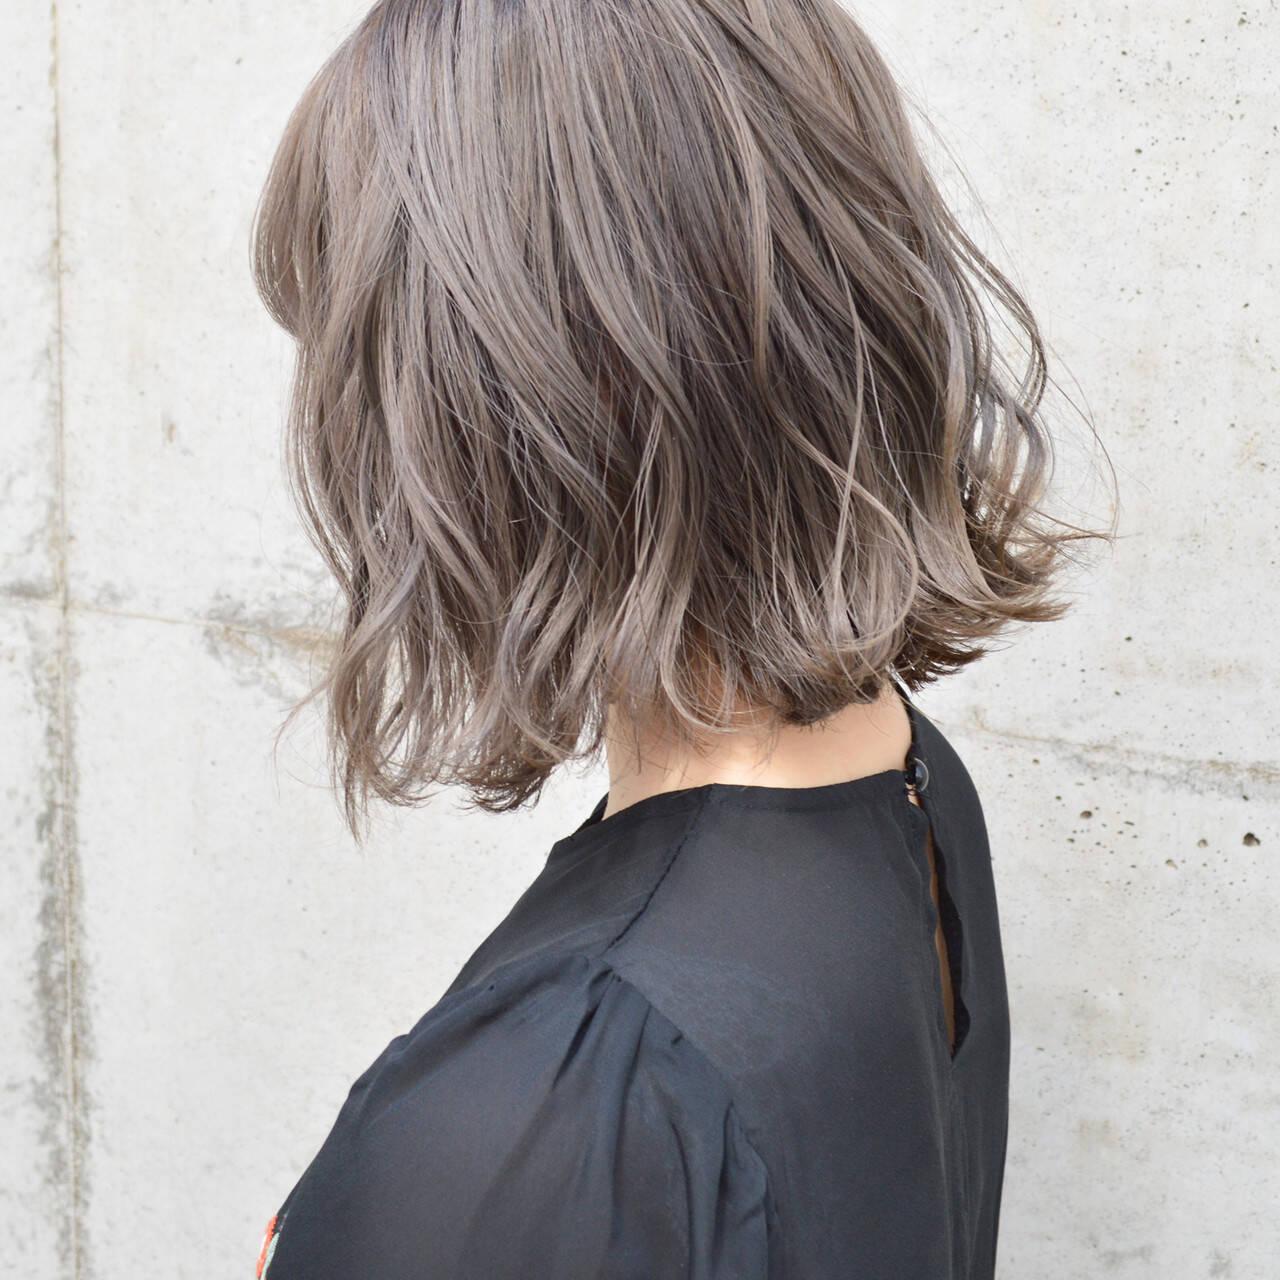 ボブ 切りっぱなし デート アンニュイほつれヘアヘアスタイルや髪型の写真・画像